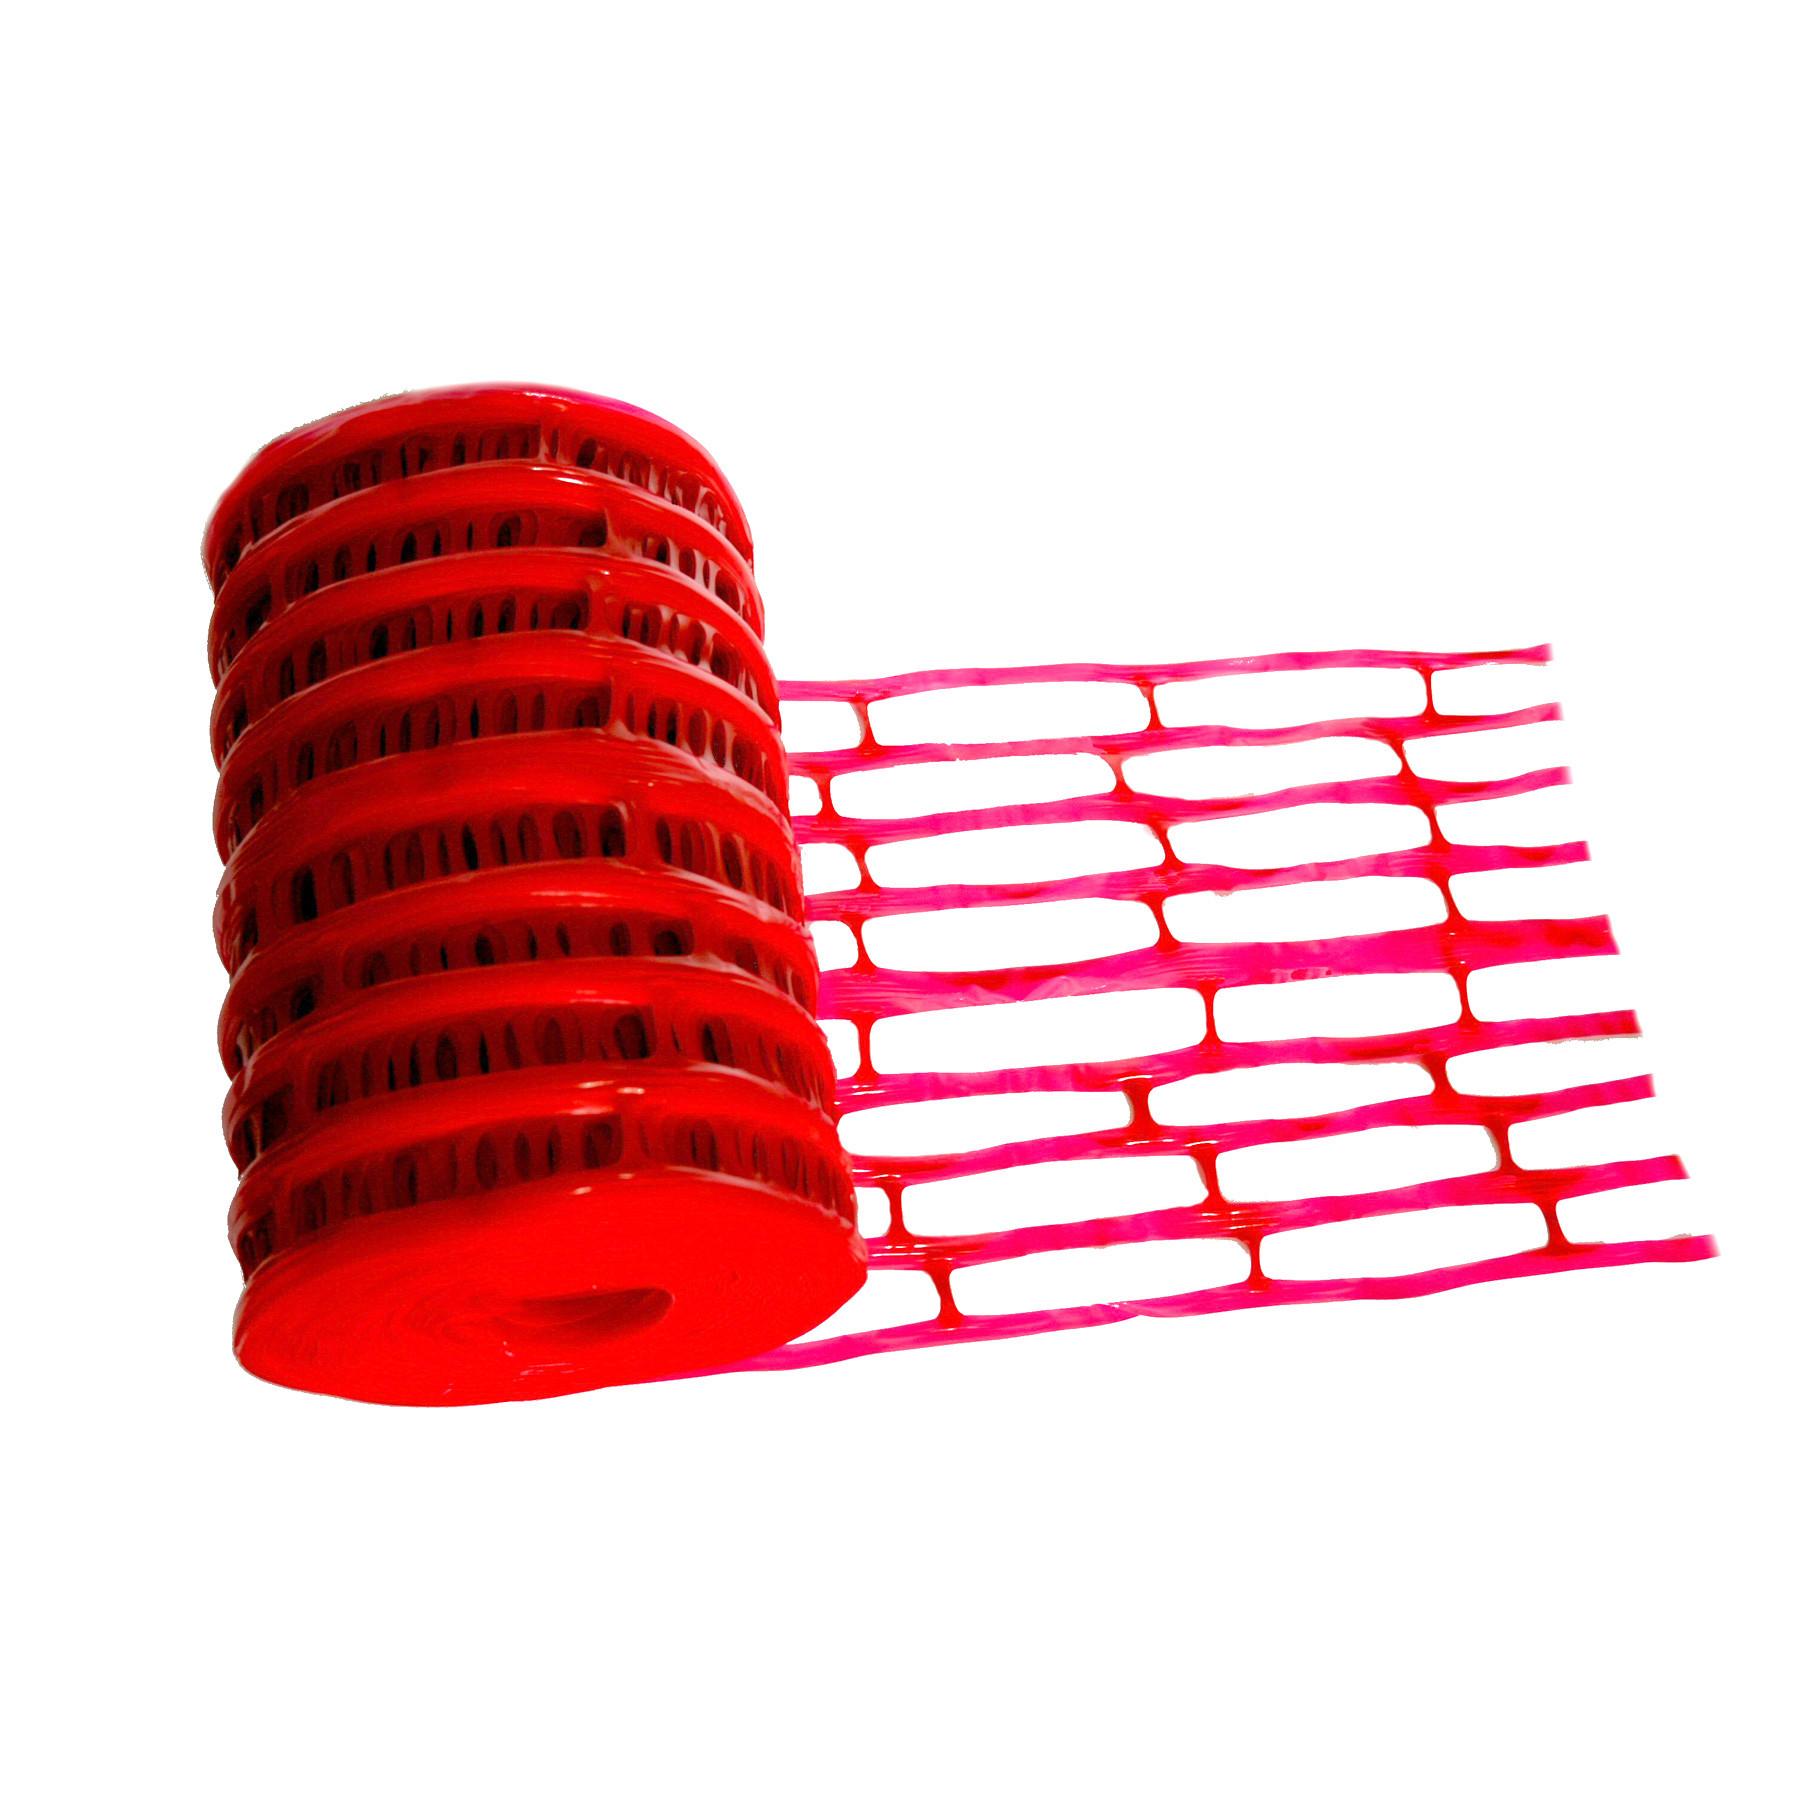 grillage avertisseur rouge lectricit 25mx30cm